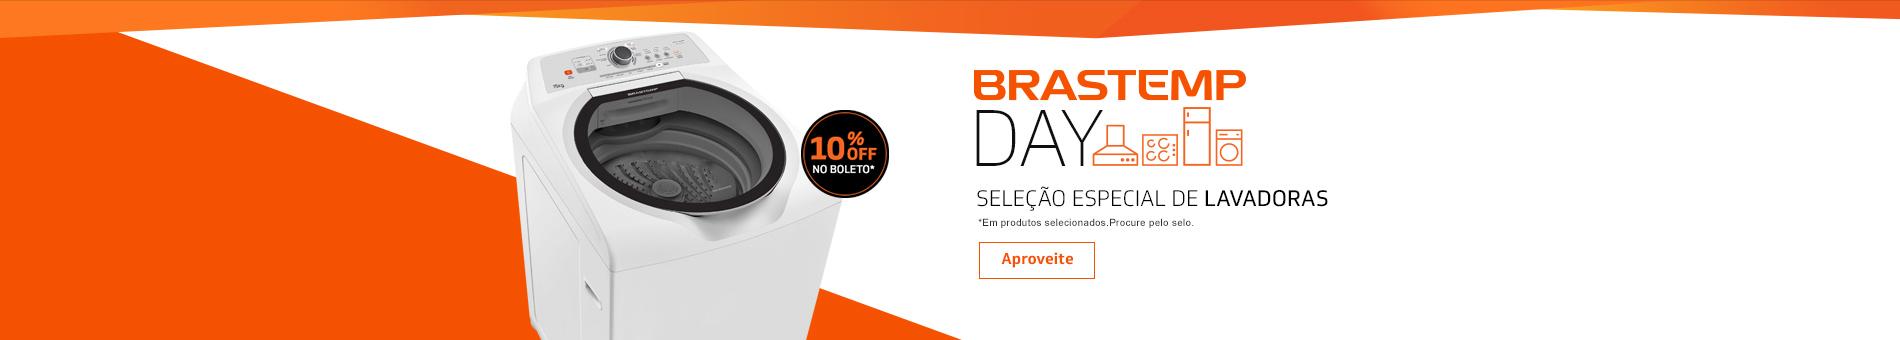 Promoção Interna - 1185 - brastempday_lavadoras_2122016_home2 - lavadoras - 2